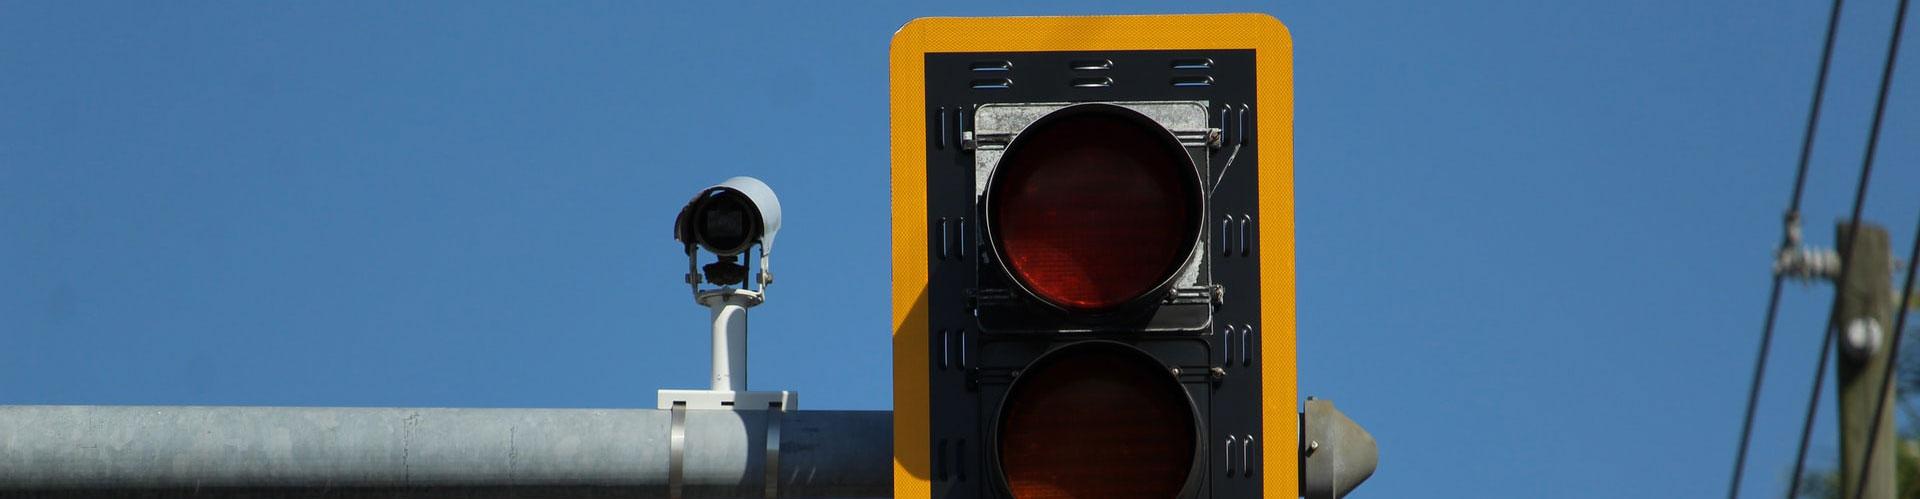 Aanrijding van achteren bij verkeerslicht | LetselPro